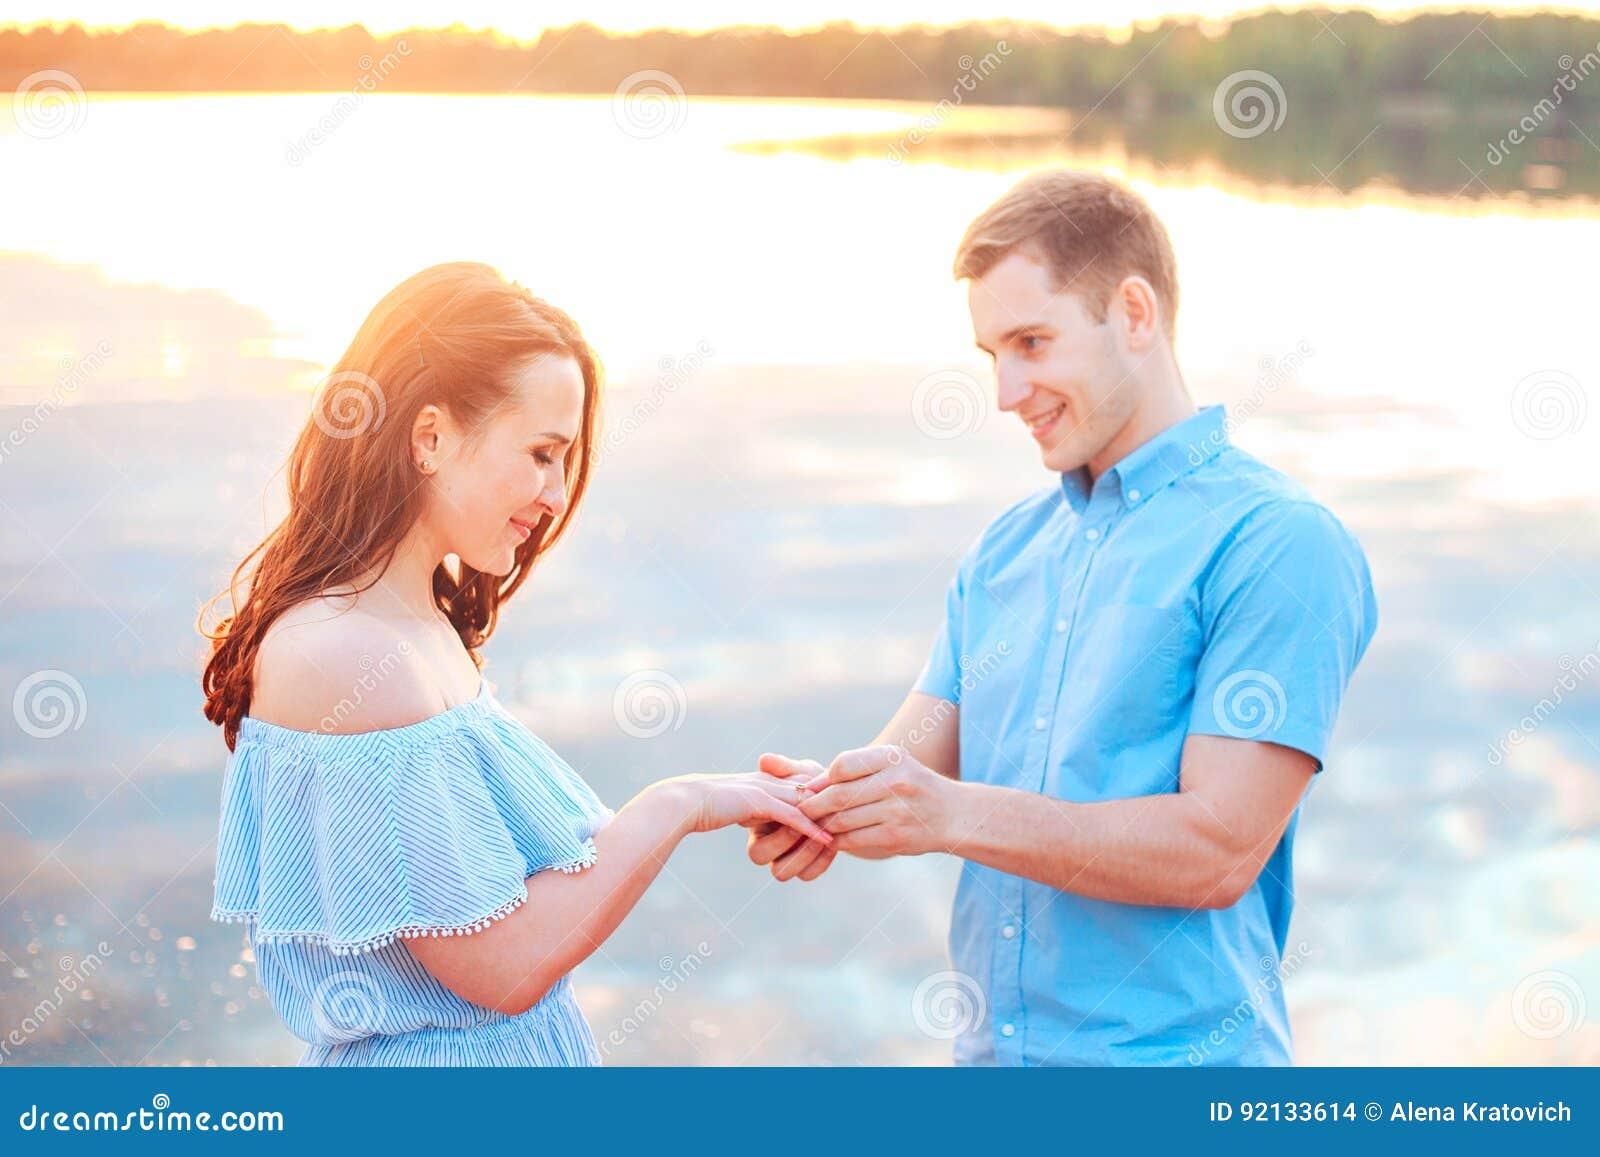 Proposta di matrimonio sul tramonto il giovane presenta una proposta del fidanzamento alla sua amica sulla spiaggia